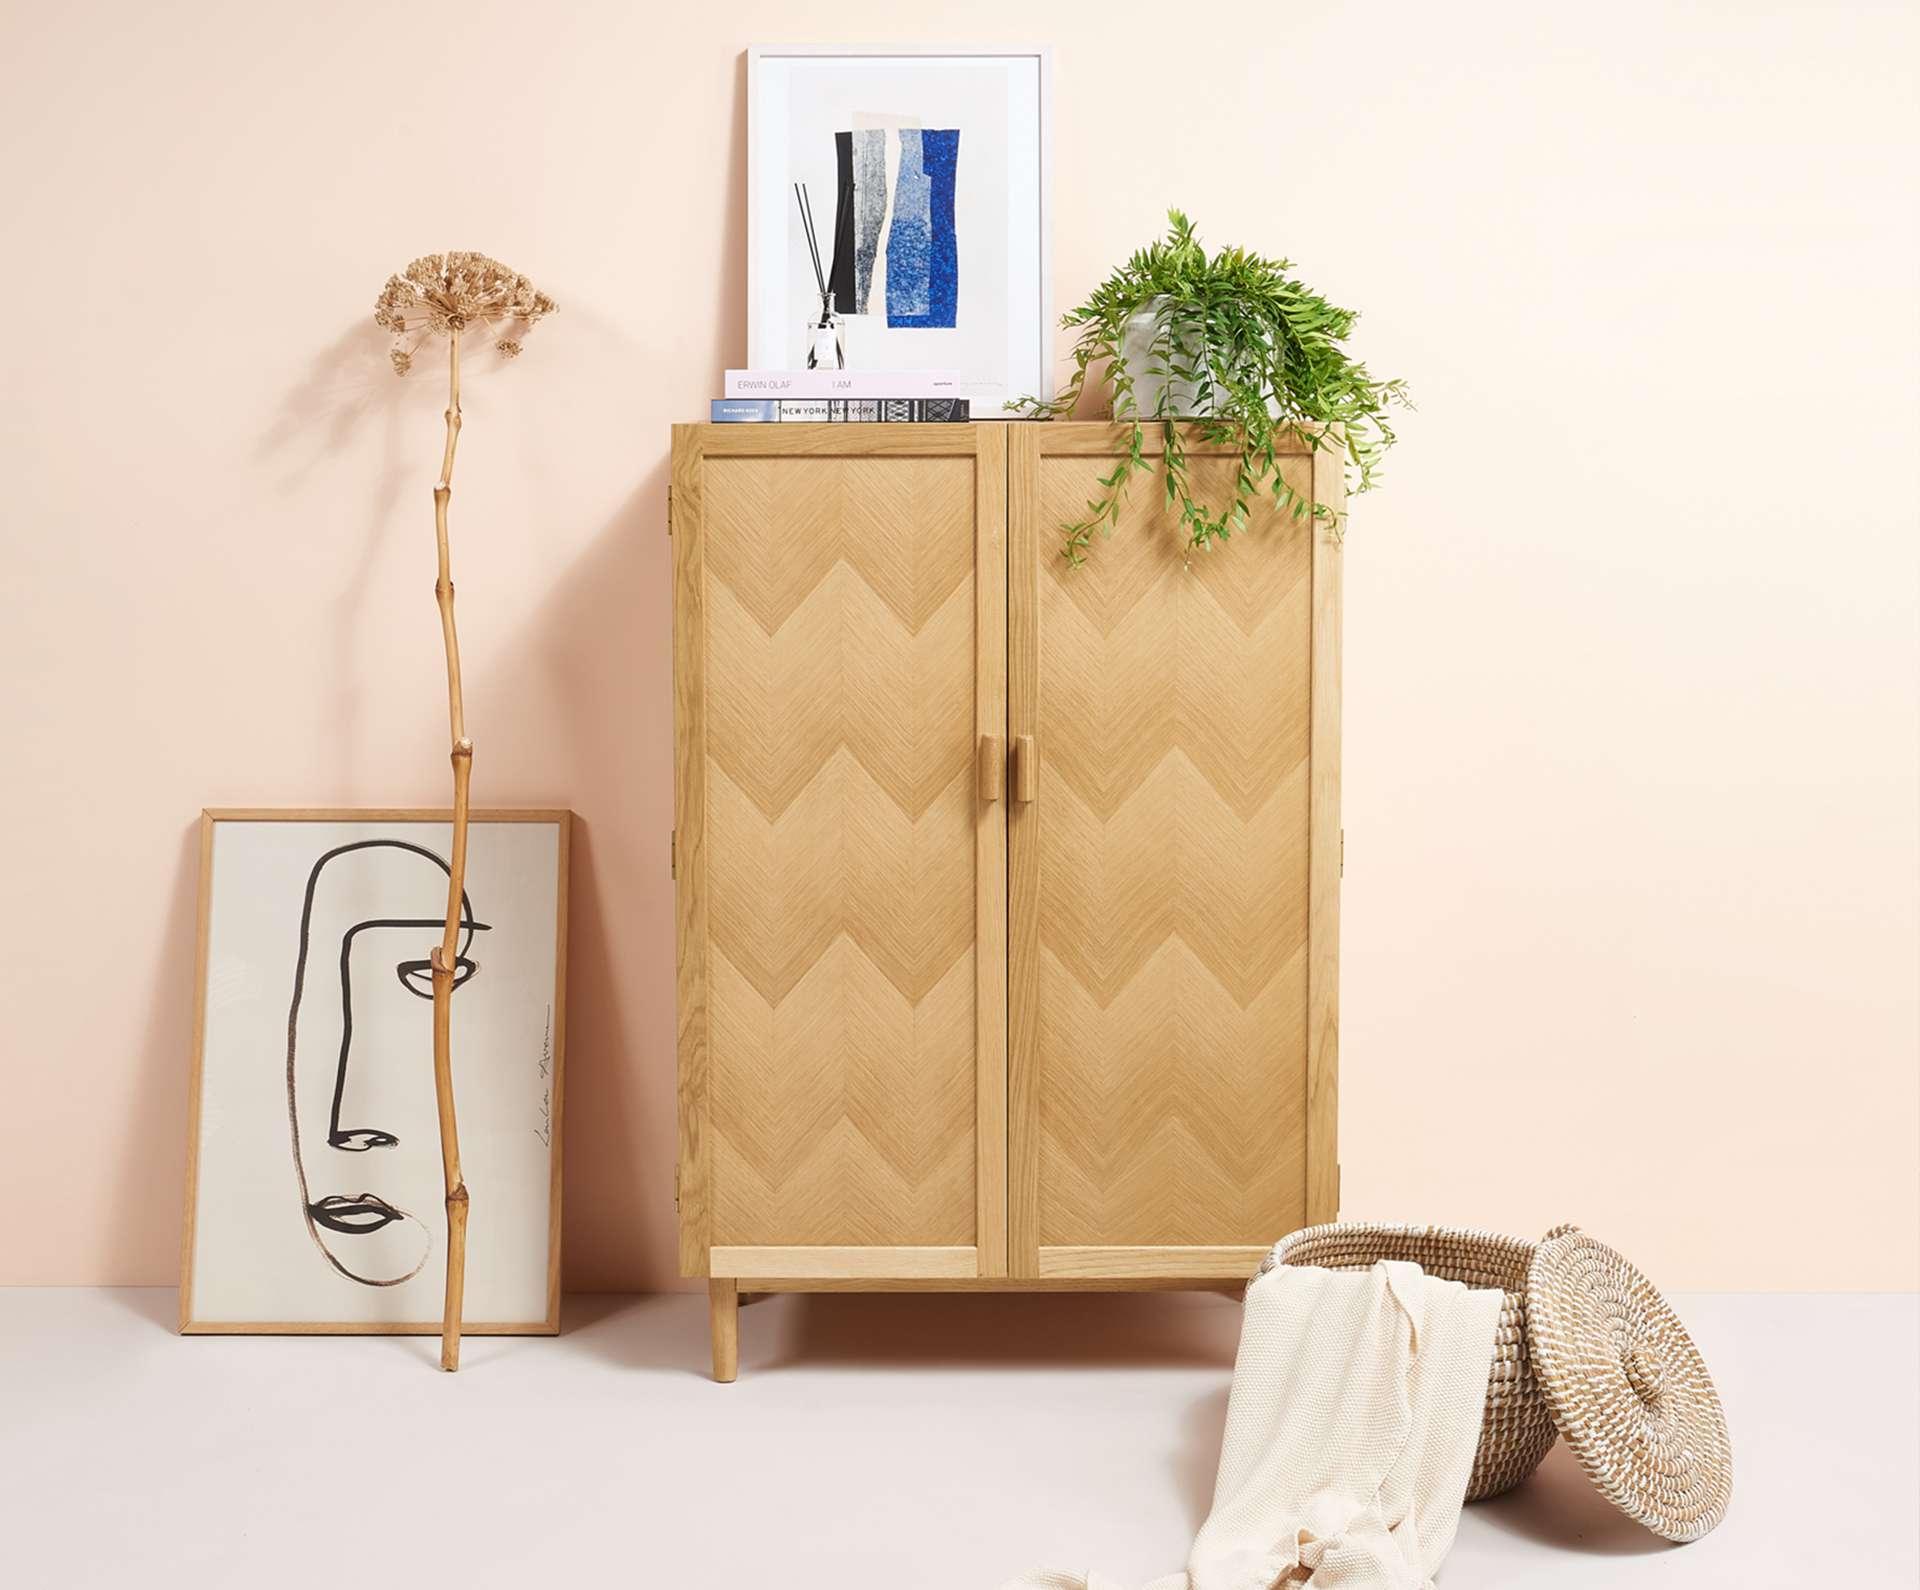 Haal Jouw Stijl In Huis Met Loods 5 Meubels En Accessoires